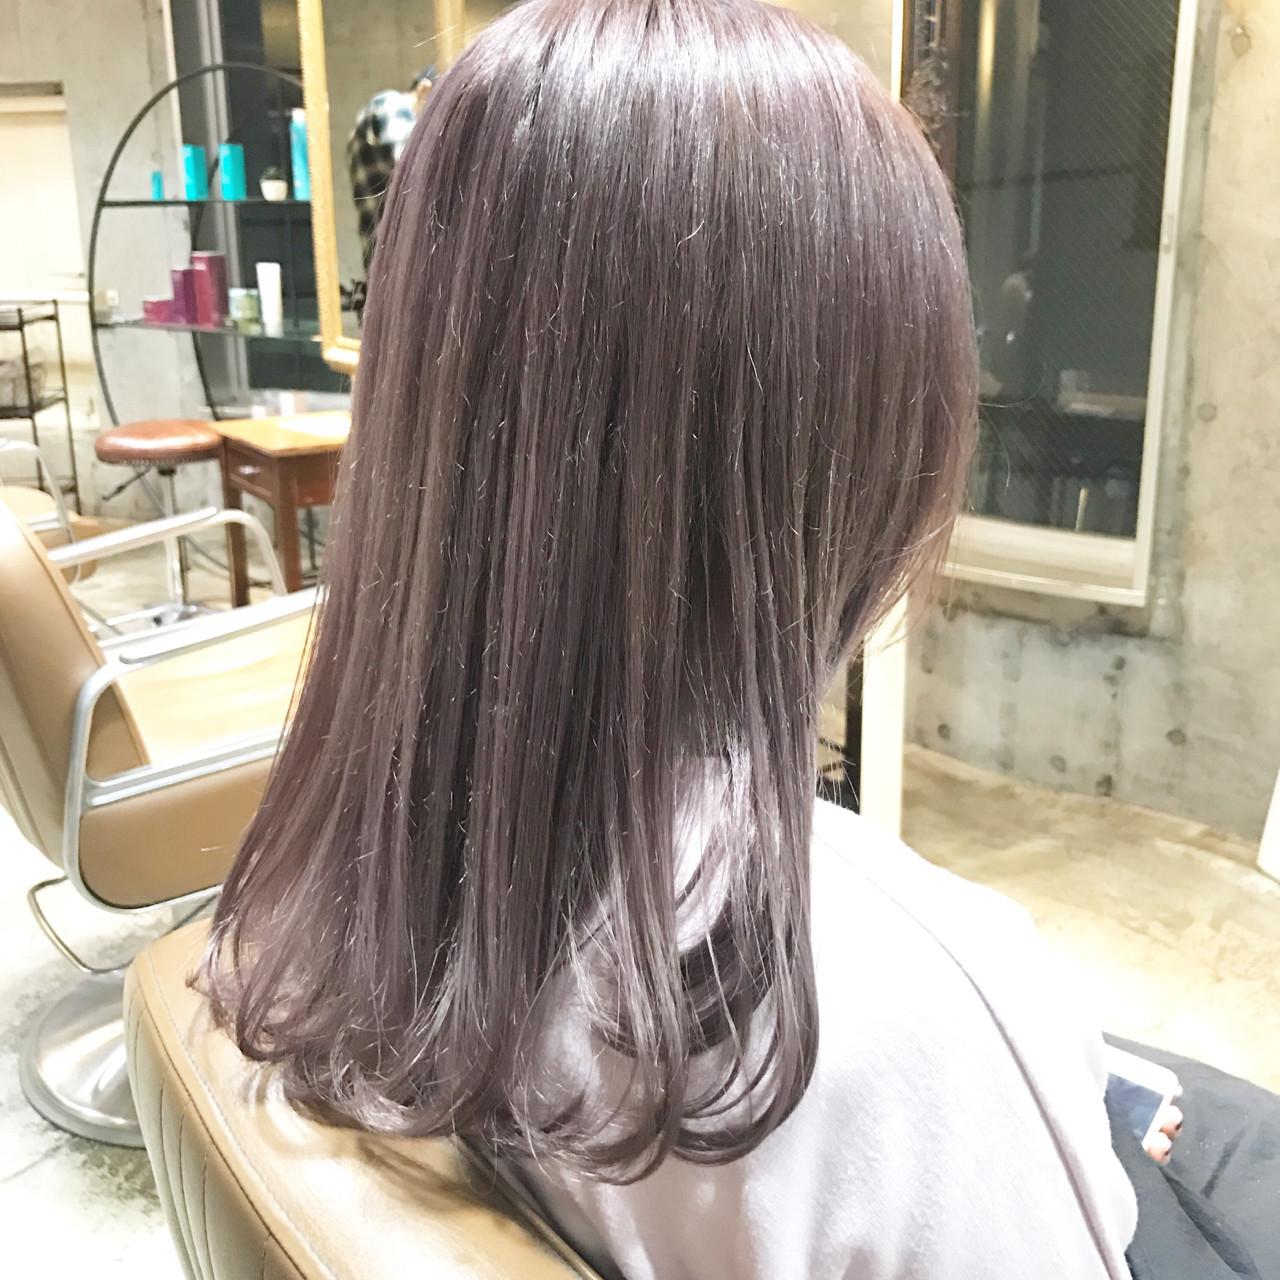 ラベンダー ロング ガーリー 外国人風 ヘアスタイルや髪型の写真・画像 | Go Takahira / salon de Milk原宿